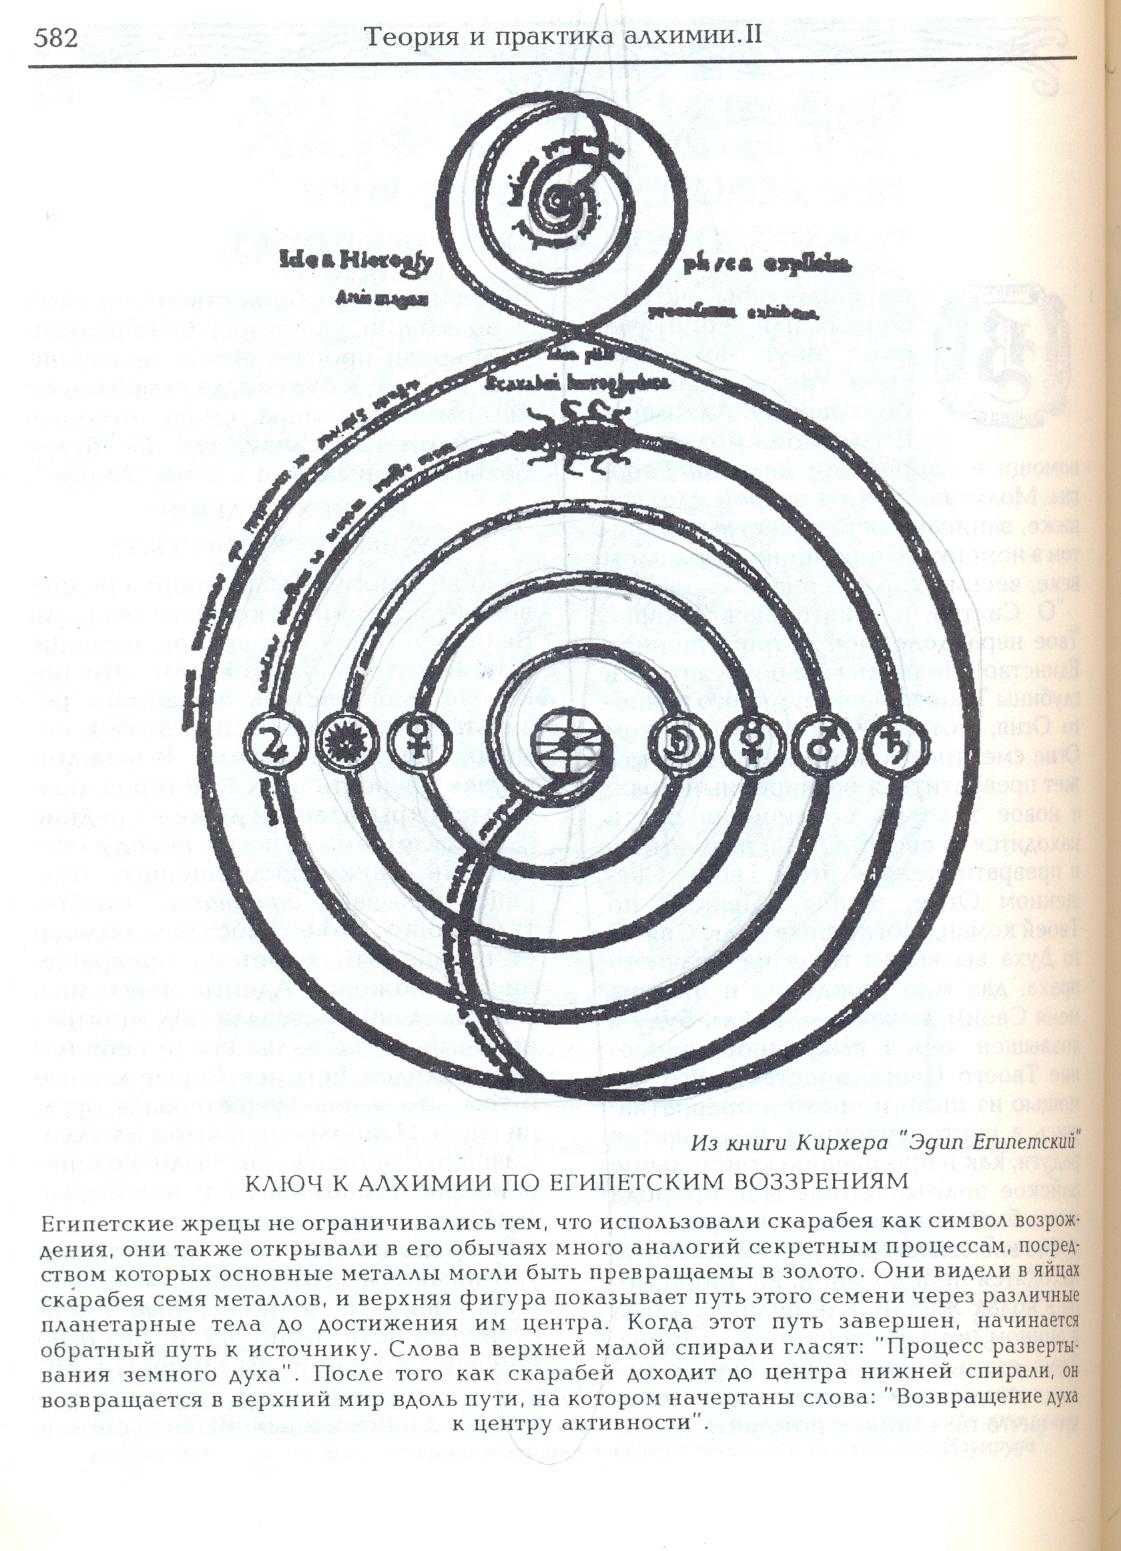 Учитывая, что ключ Философии, - он же и возможная форма Вселенной, - 8